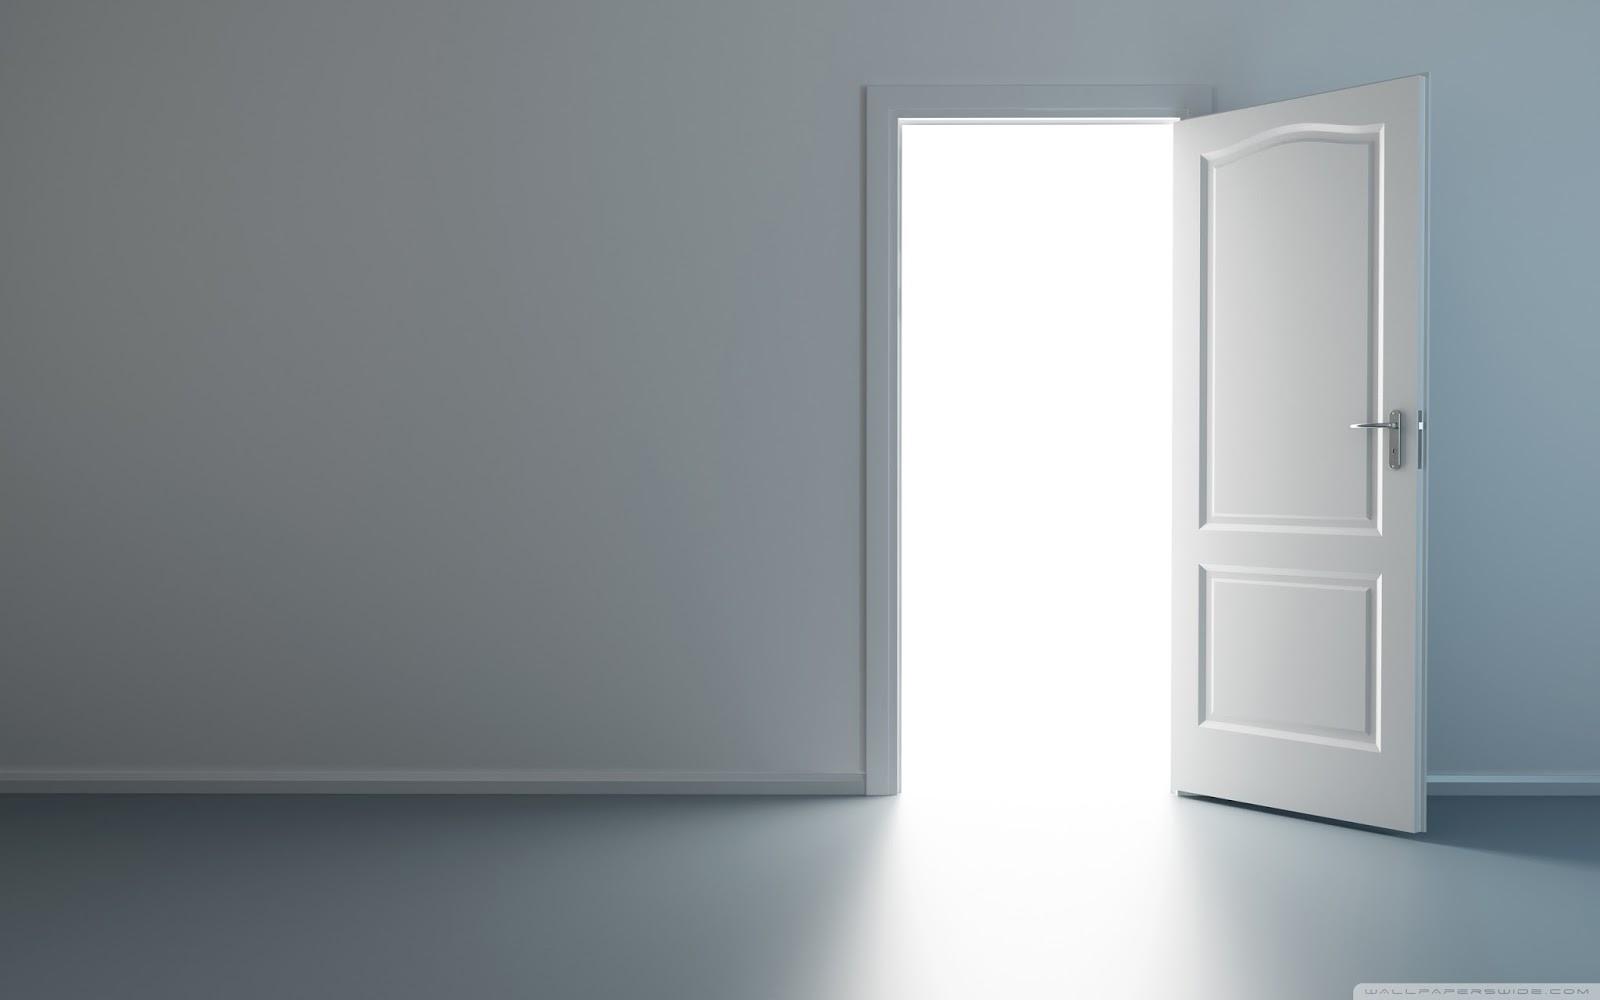 Puertas a medida madrid top serie puertas lacadas puertas - Puertas blindadas a medida ...